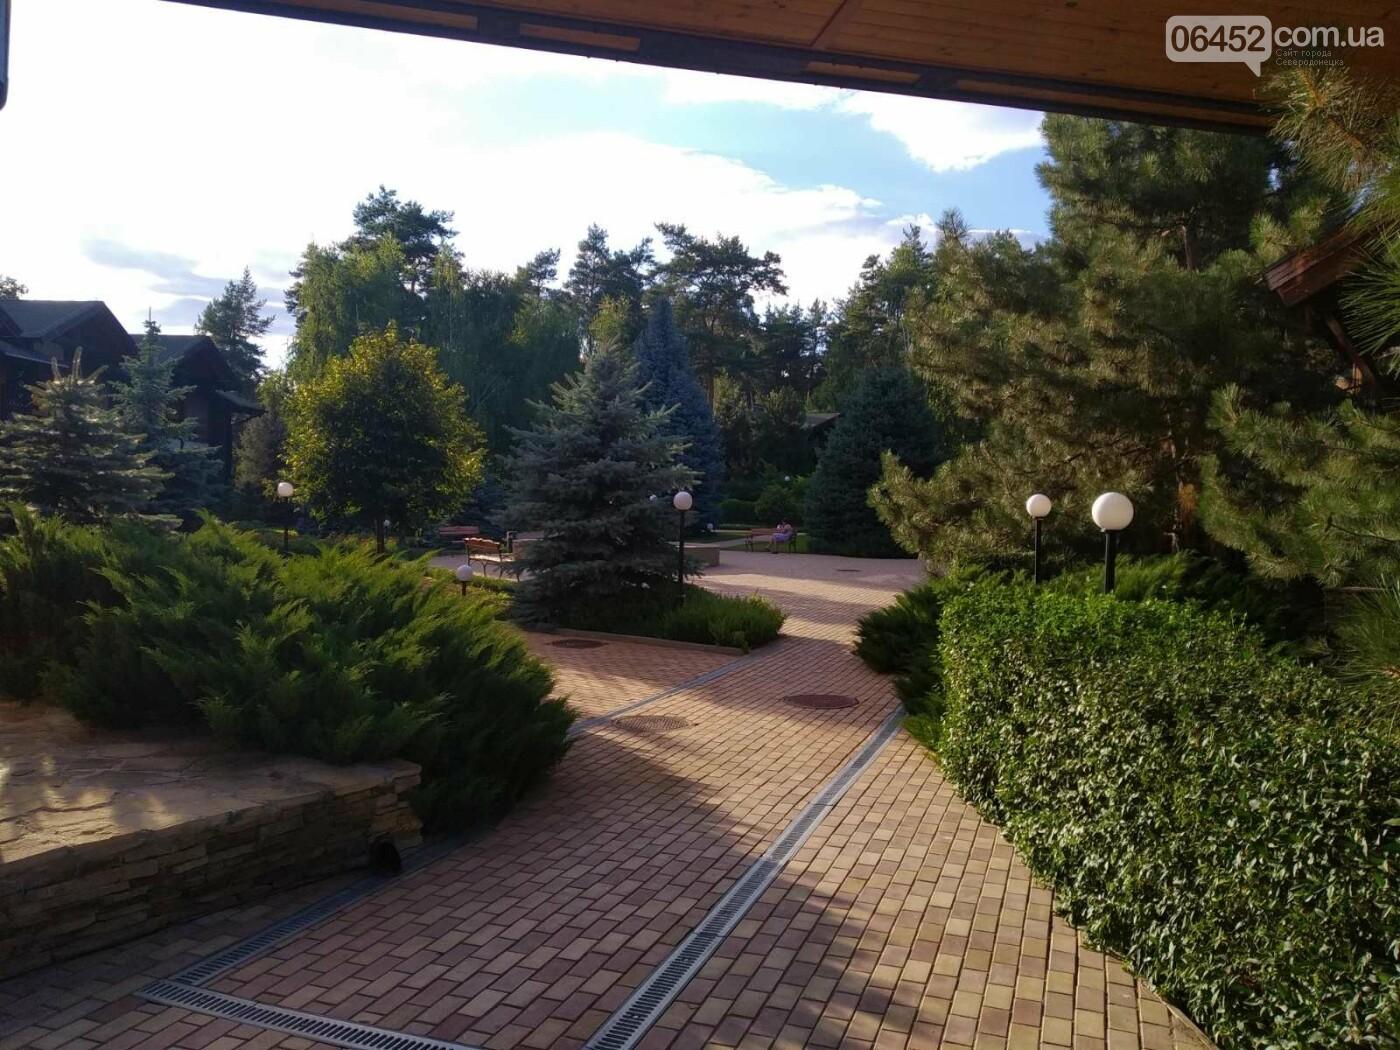 Европейский курорт в центре Луганщины: место из которого вы не захотите уезжать, фото-12